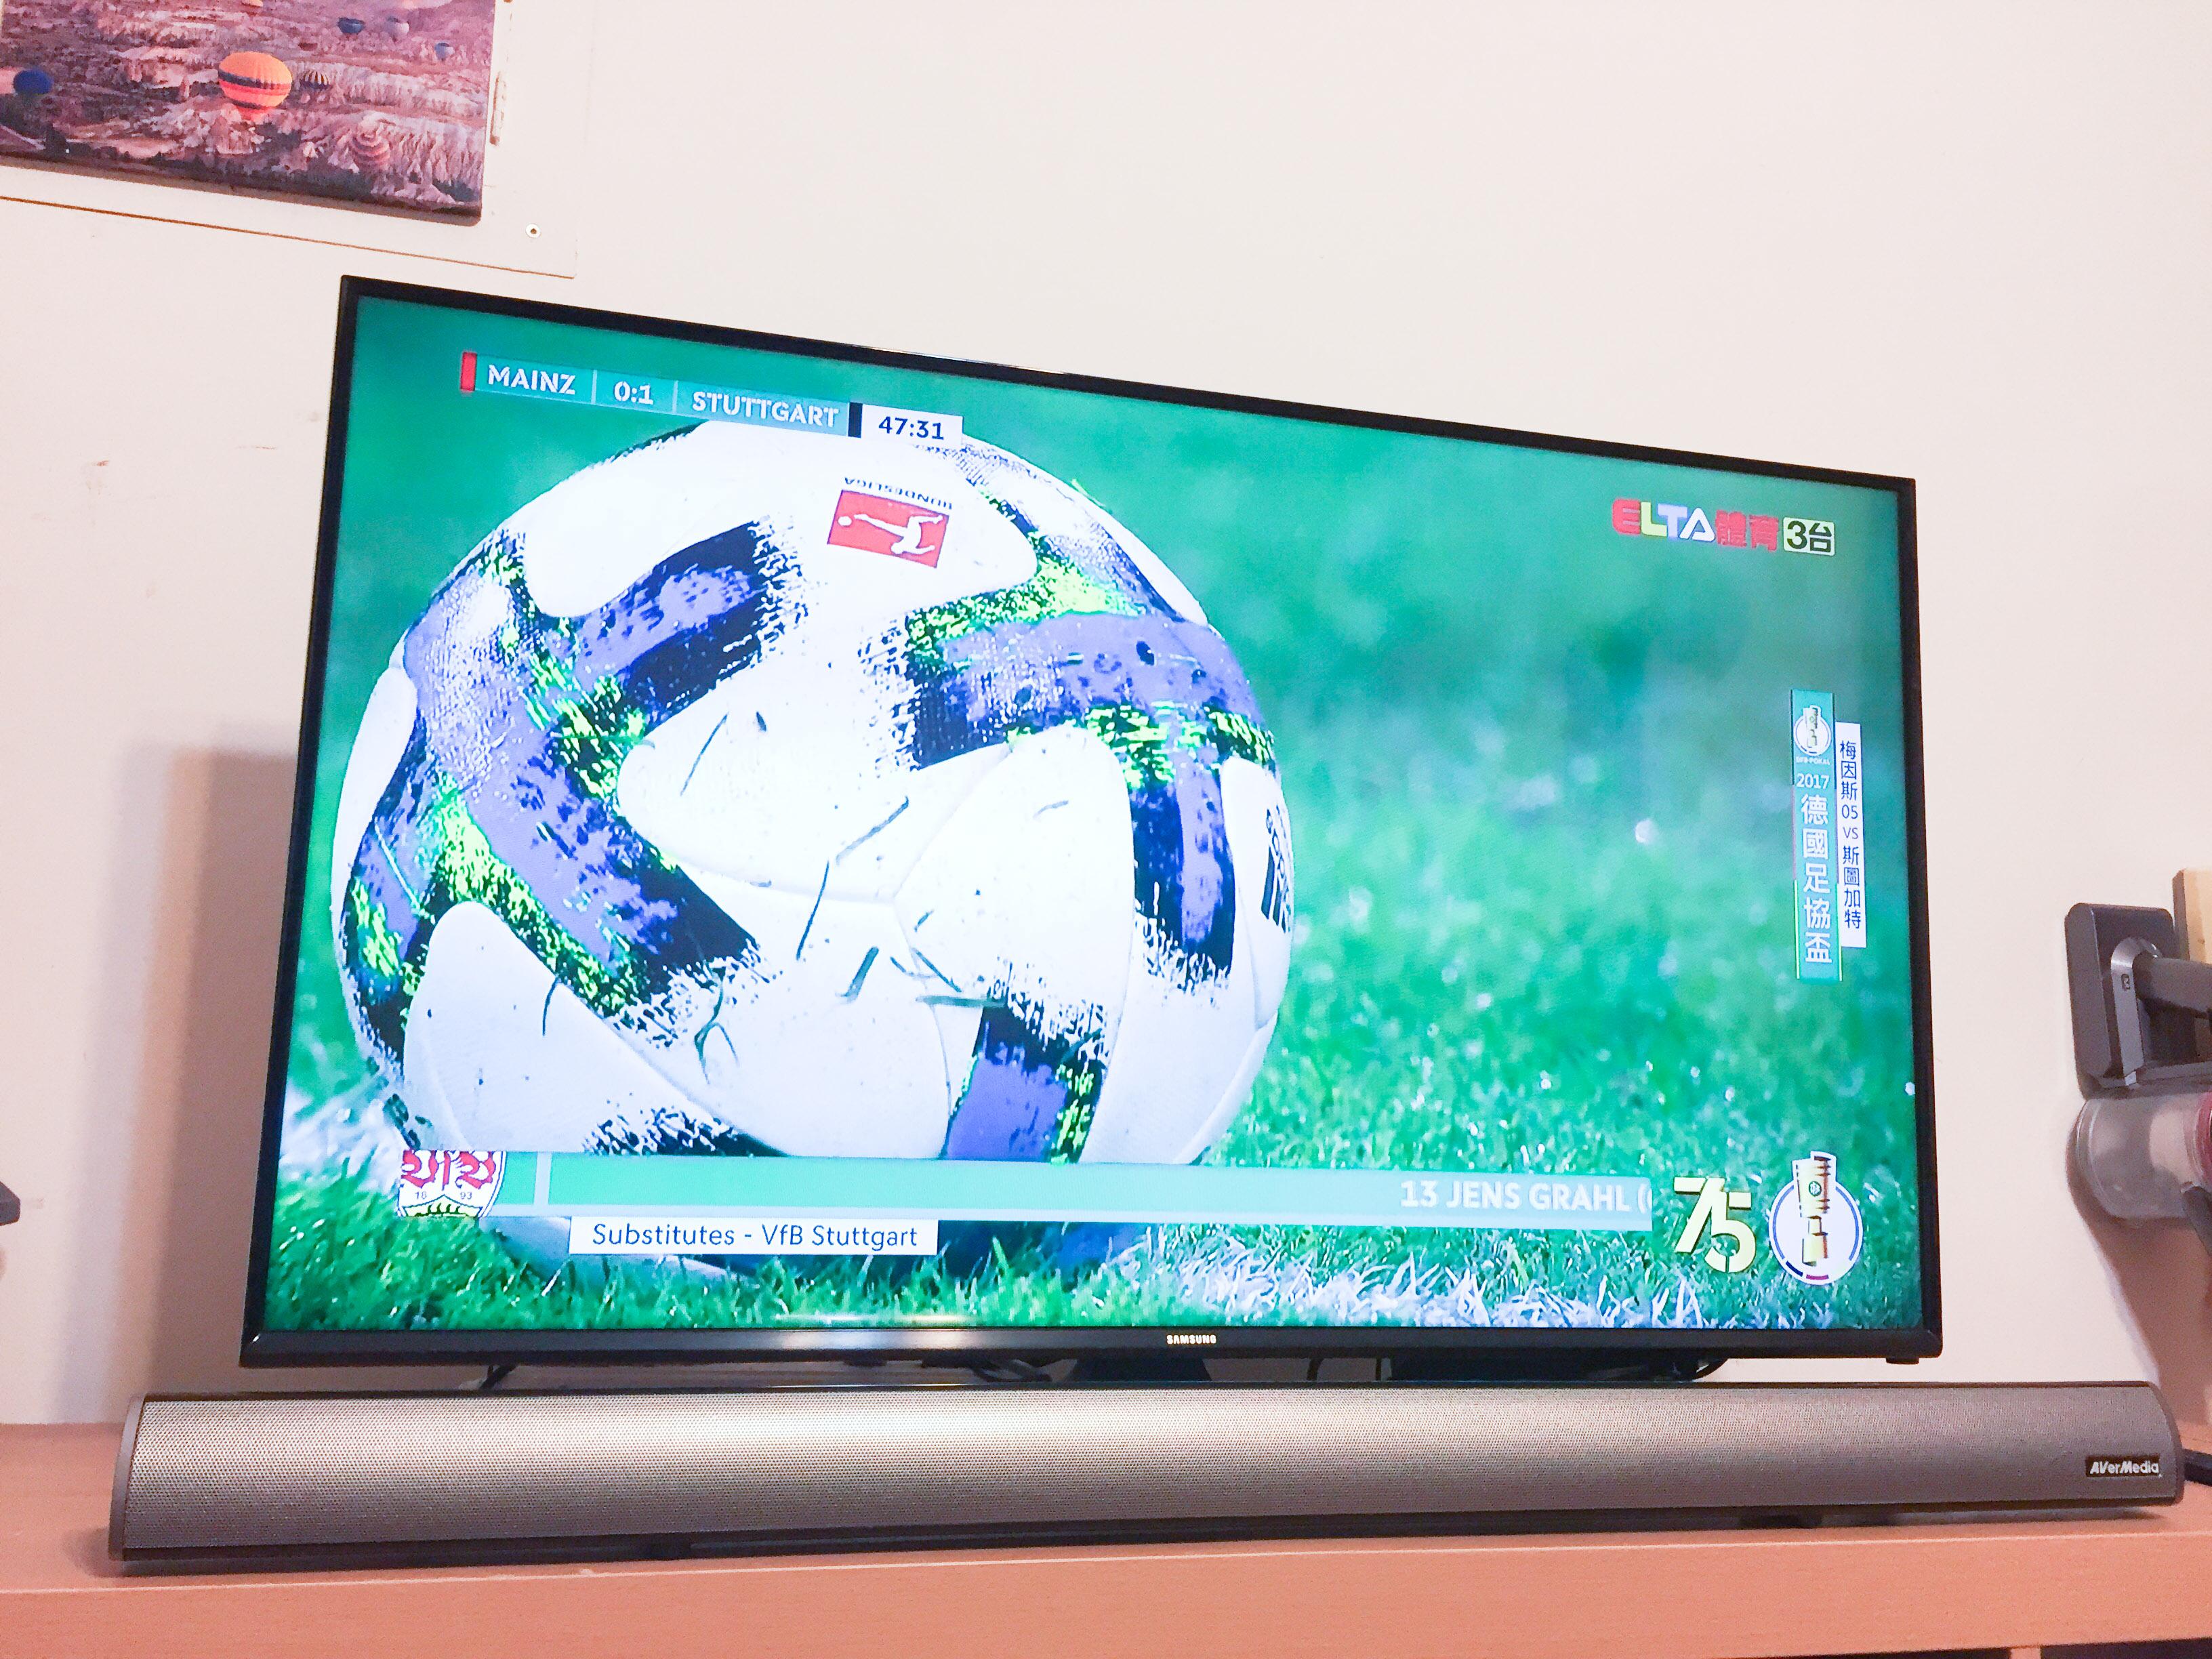 輕鬆連接好音質,圓剛 AS510 TV Soundbar 為你的娛樂體驗加分